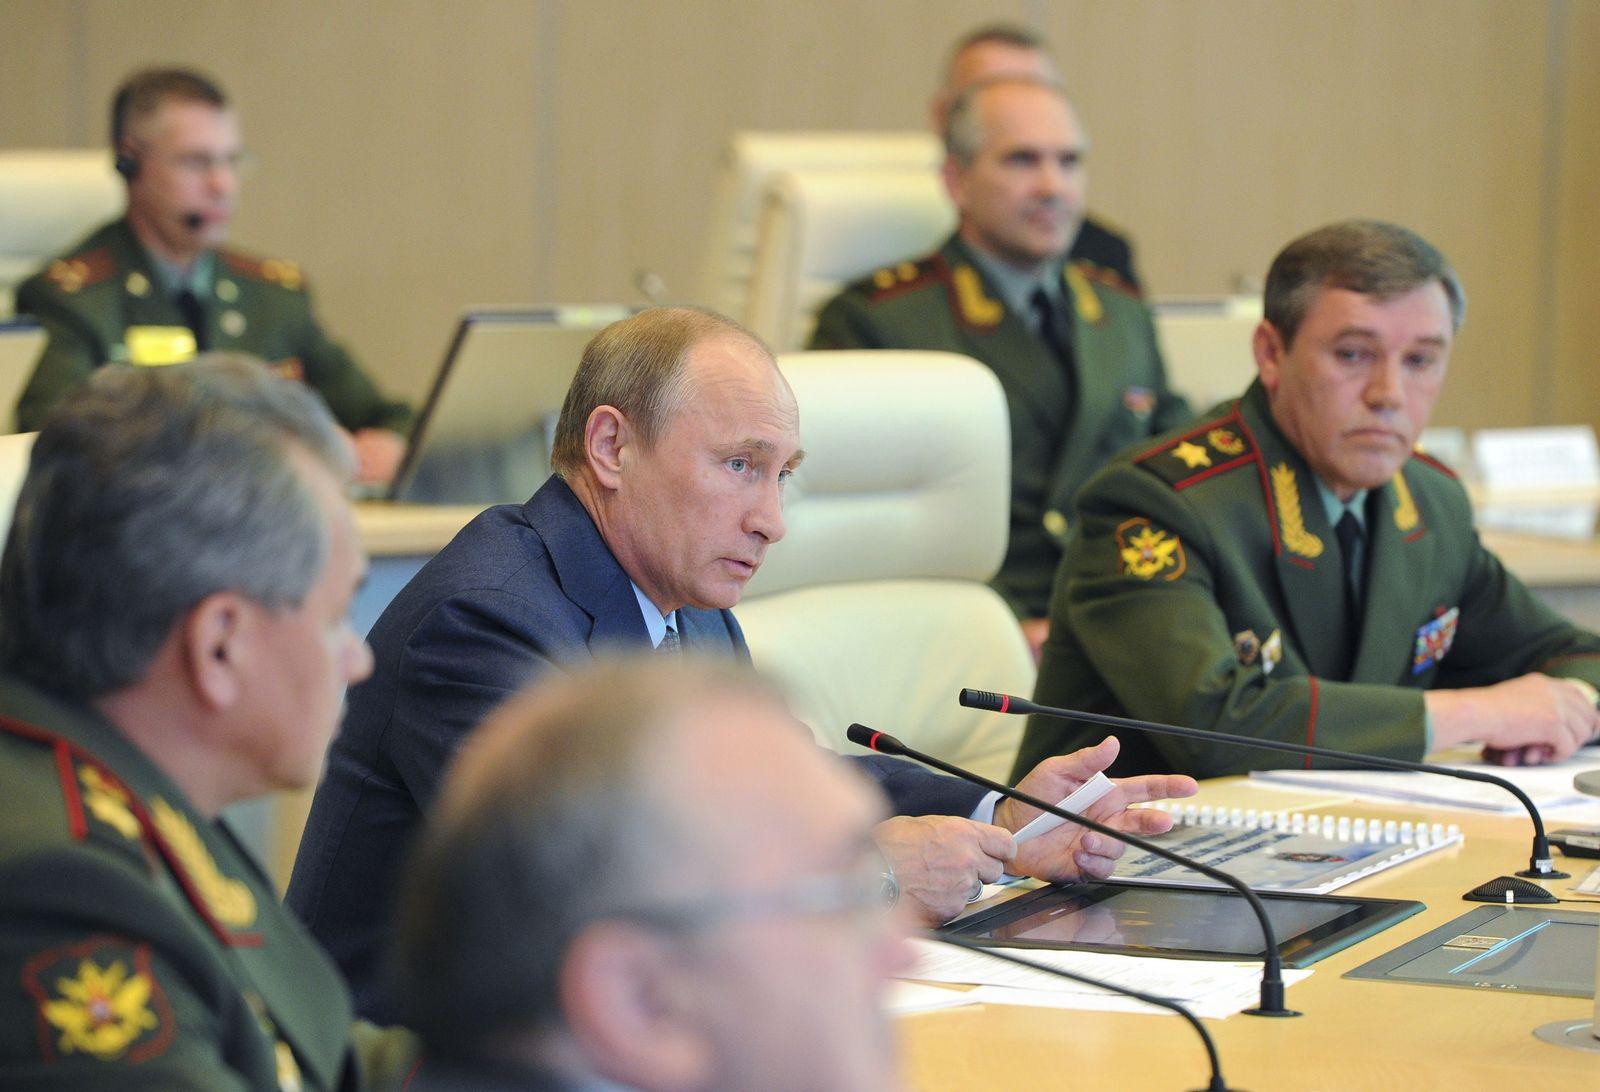 Putin / Valery Gerasimov